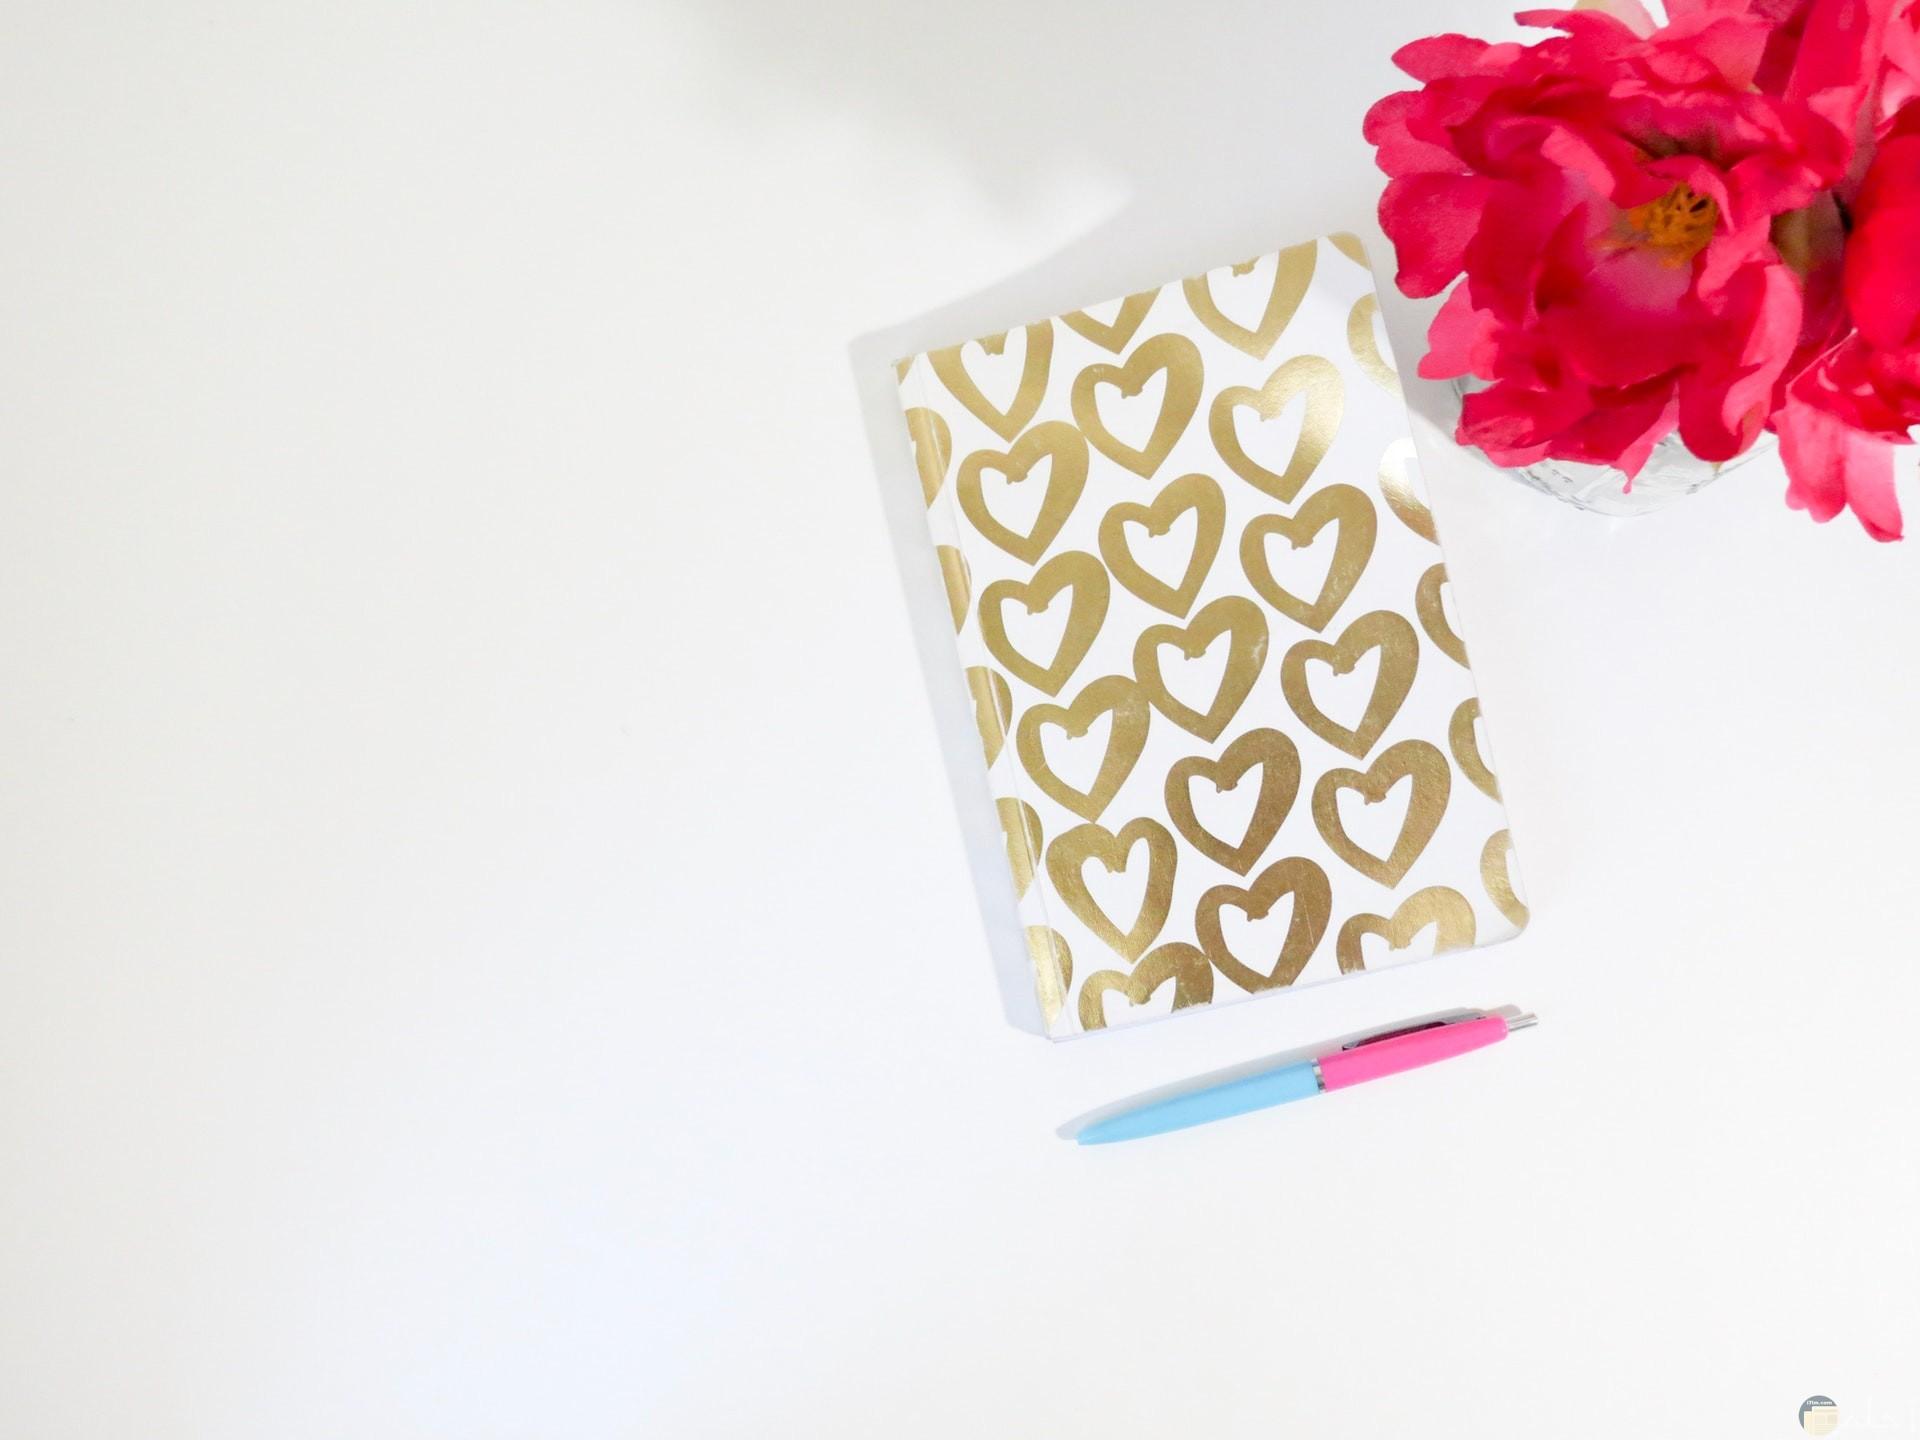 صورة جميلة جدا لقلوب حلوة موجودة علي غلاف دفتر بجانب باقة ورد وقلم